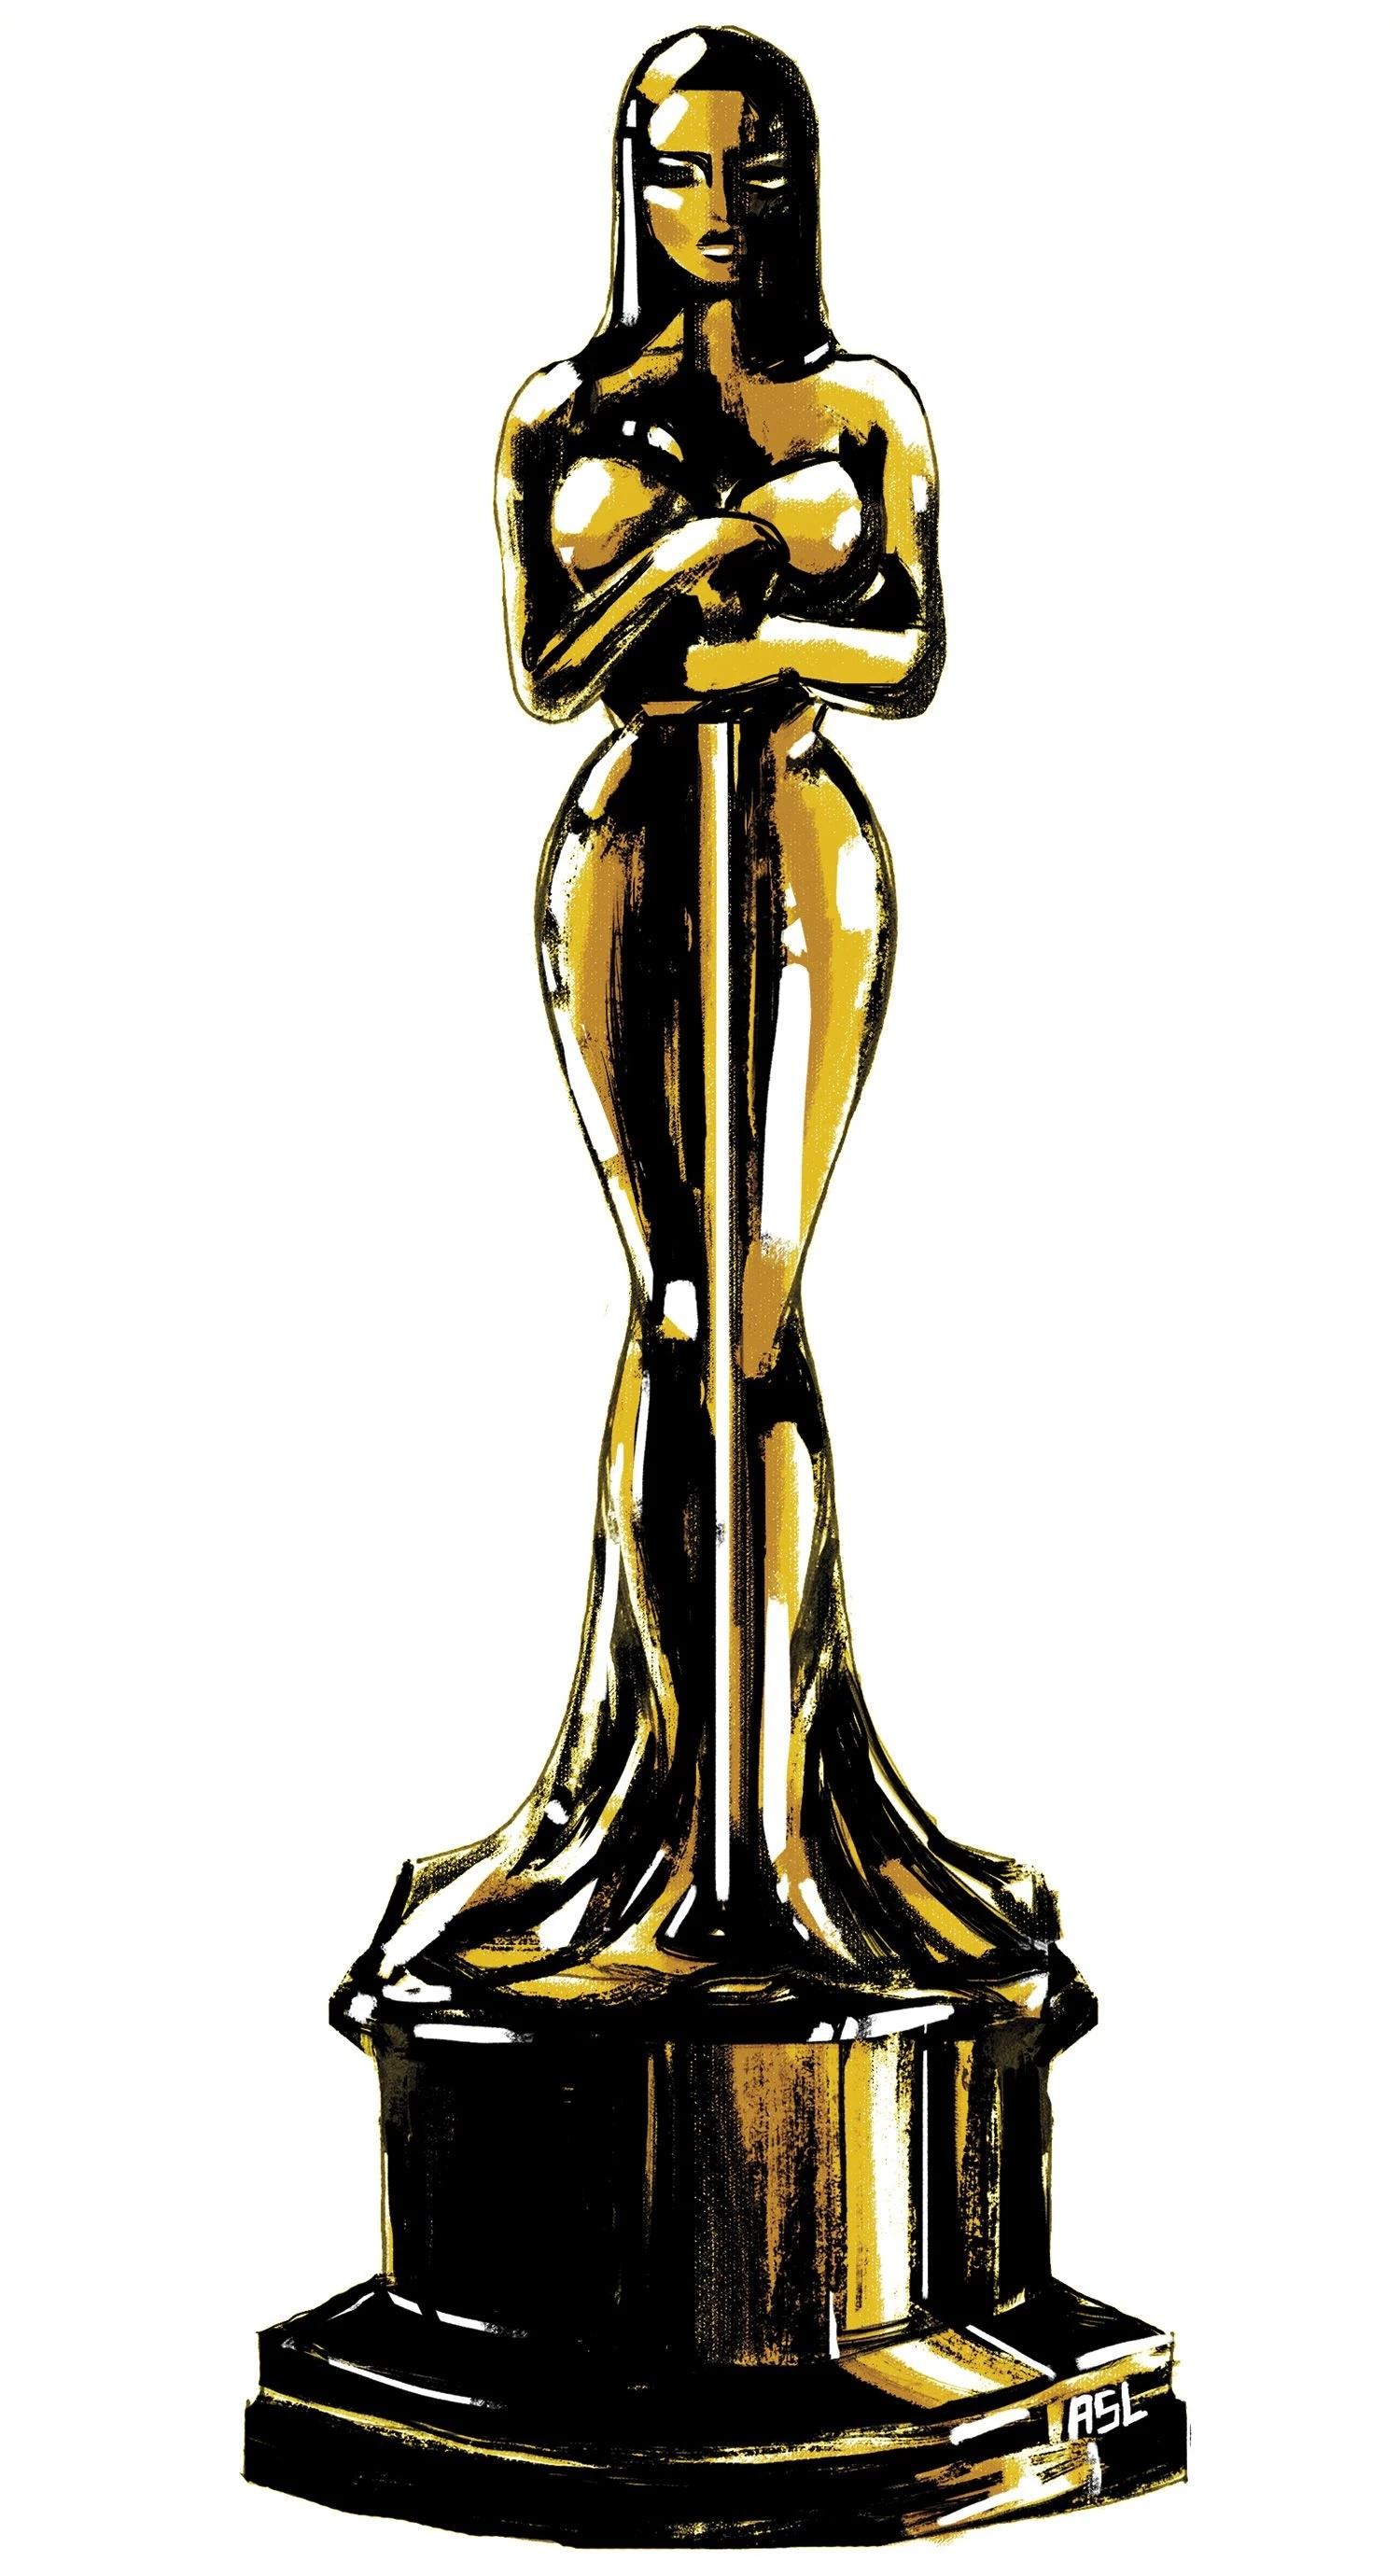 Amerykañska Akademia Filmowa zmieni³a zasady dotycz±ce kandydowania filmów do Oskara